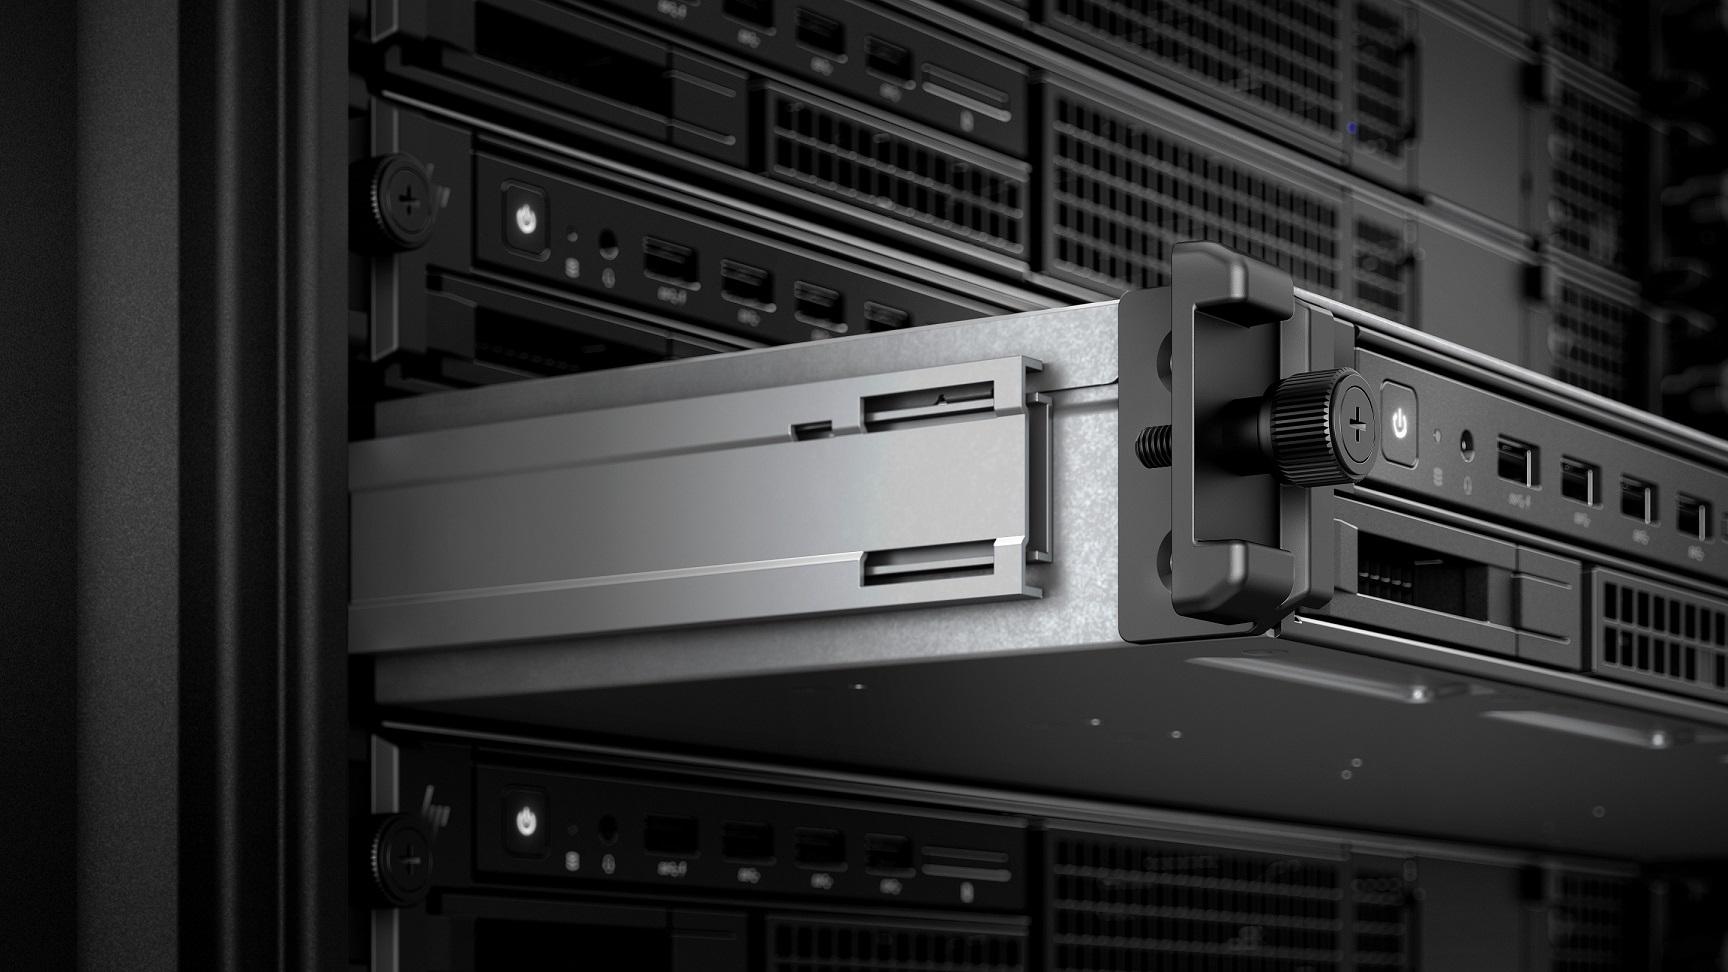 Nowe stacje robocze z serii Z by HP: jeszcze lepsza wydajność, mobilność i elastyczność pracy